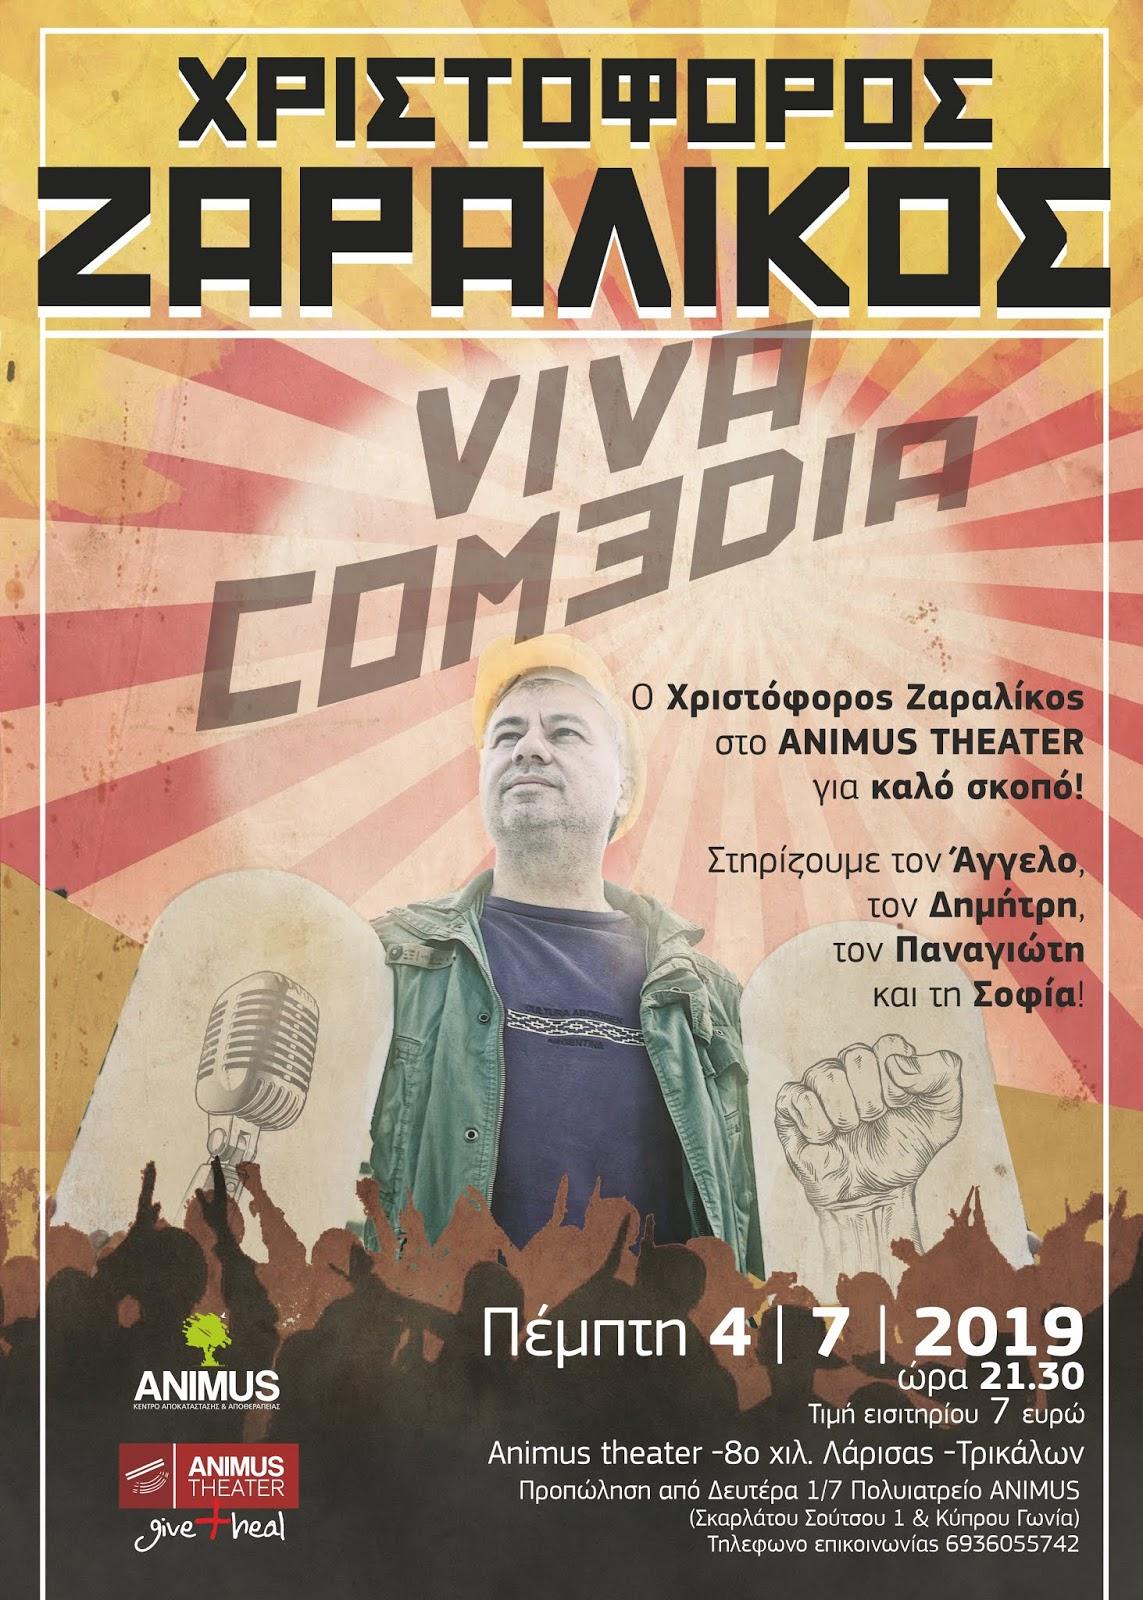 Ο Χριστόφορος Ζαραλίκος στο ANIMUS Theater για καλό σκοπό!